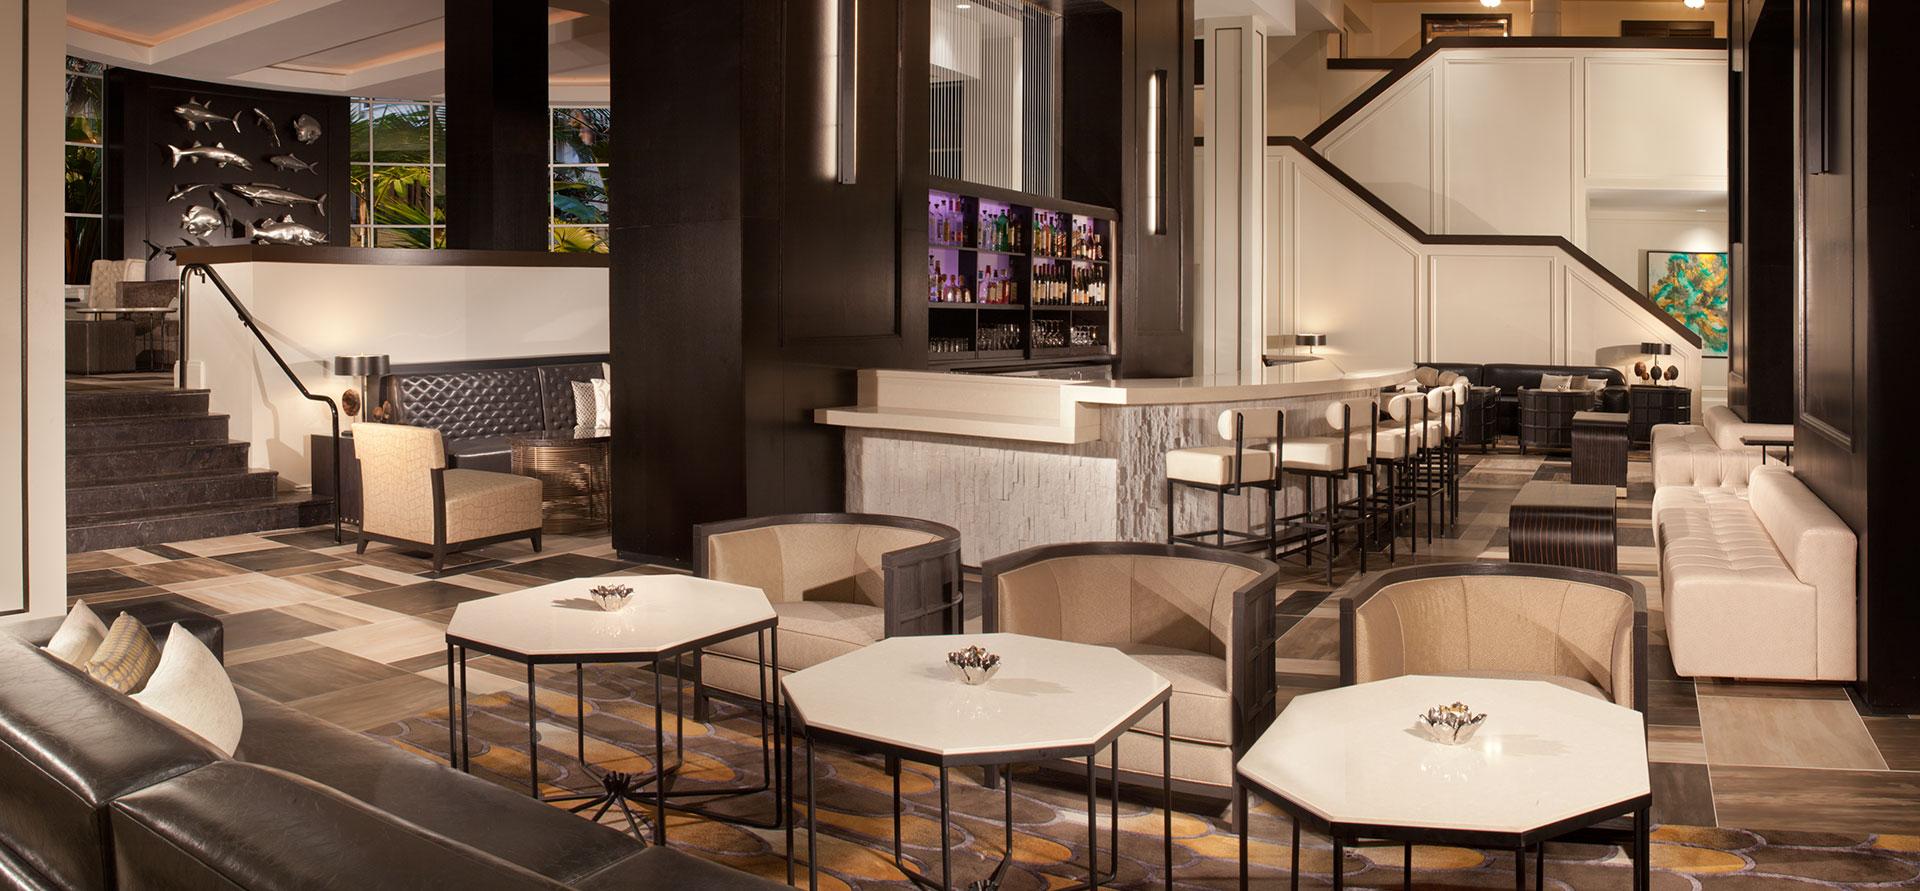 About La Concha Hotel & Spa Florida